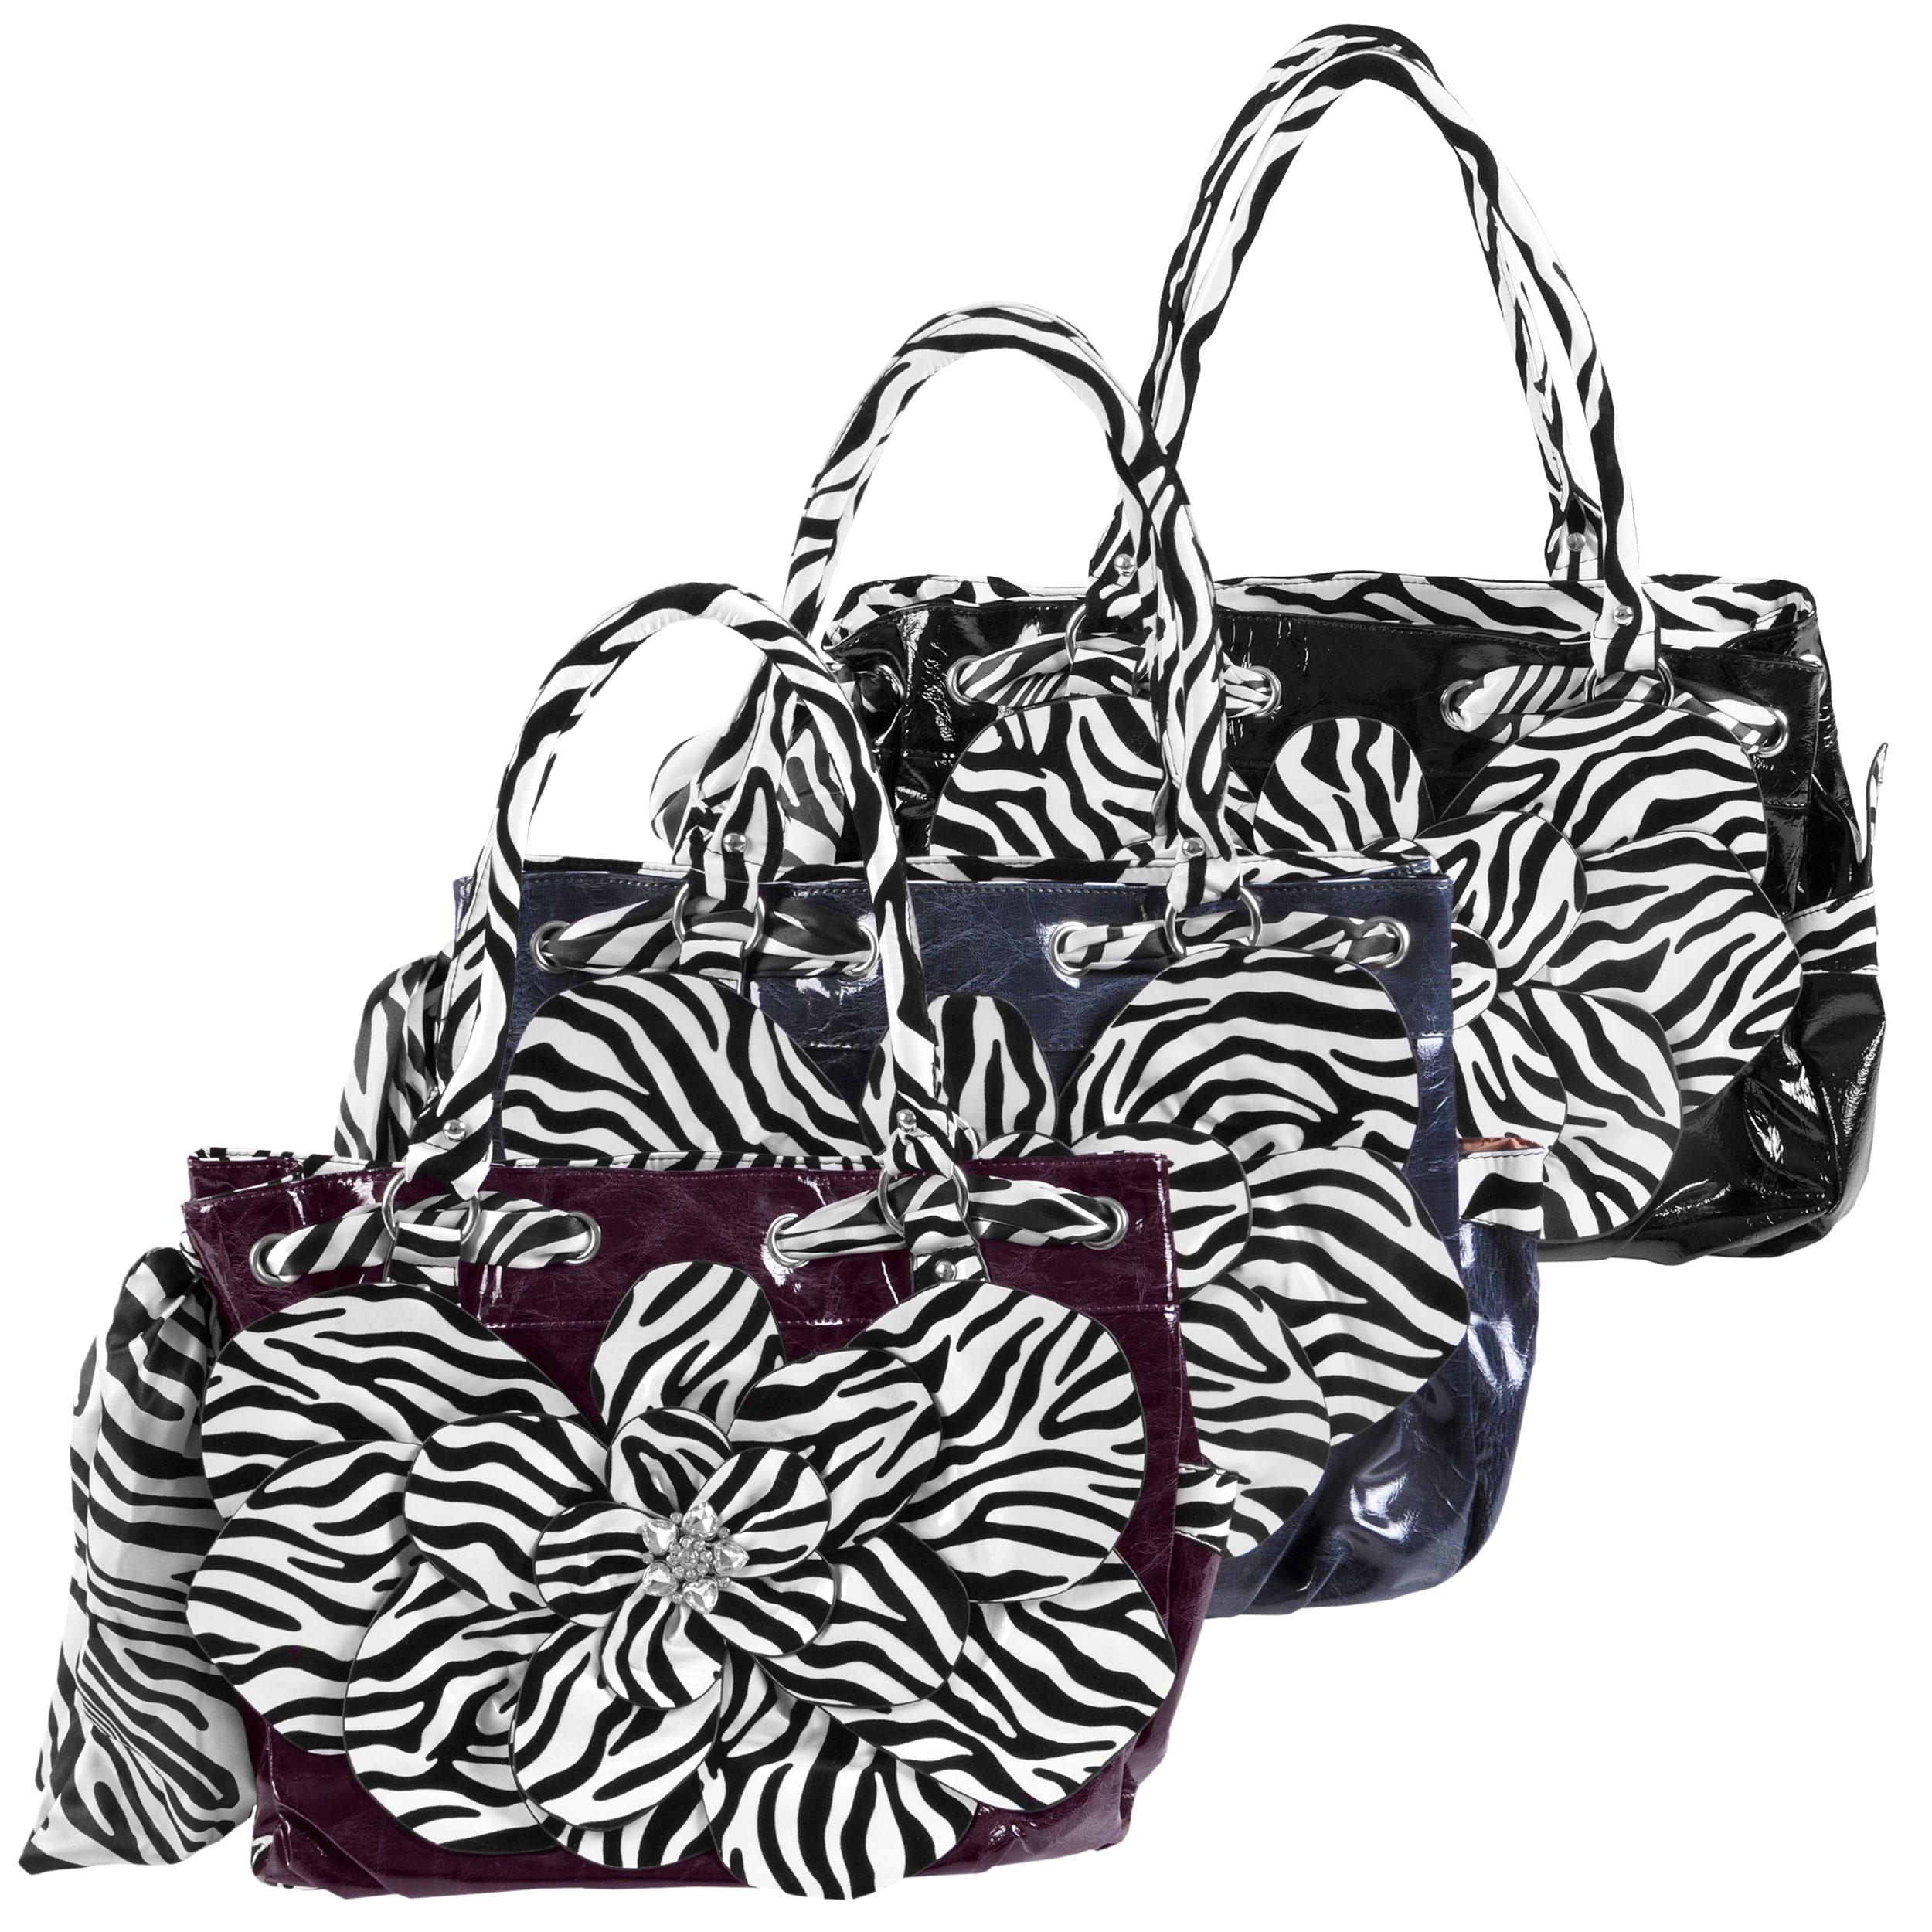 Adi Designs Women's Oversized Flower Detail Zebra Print Handbag